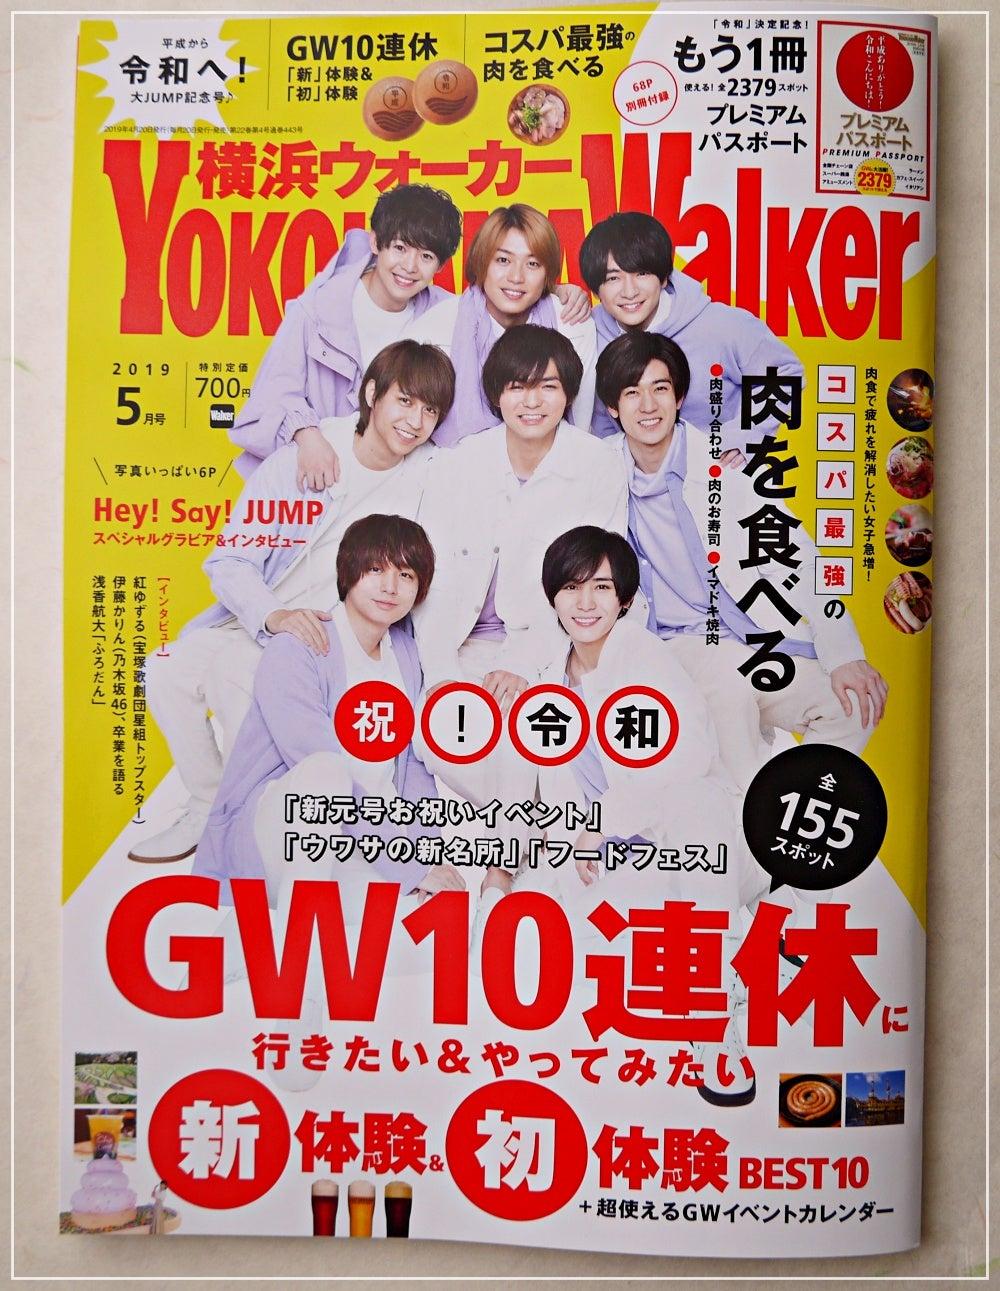 横浜ウォーカー 雑誌掲載 ミニチュアクレイクラフト教室 しょこら